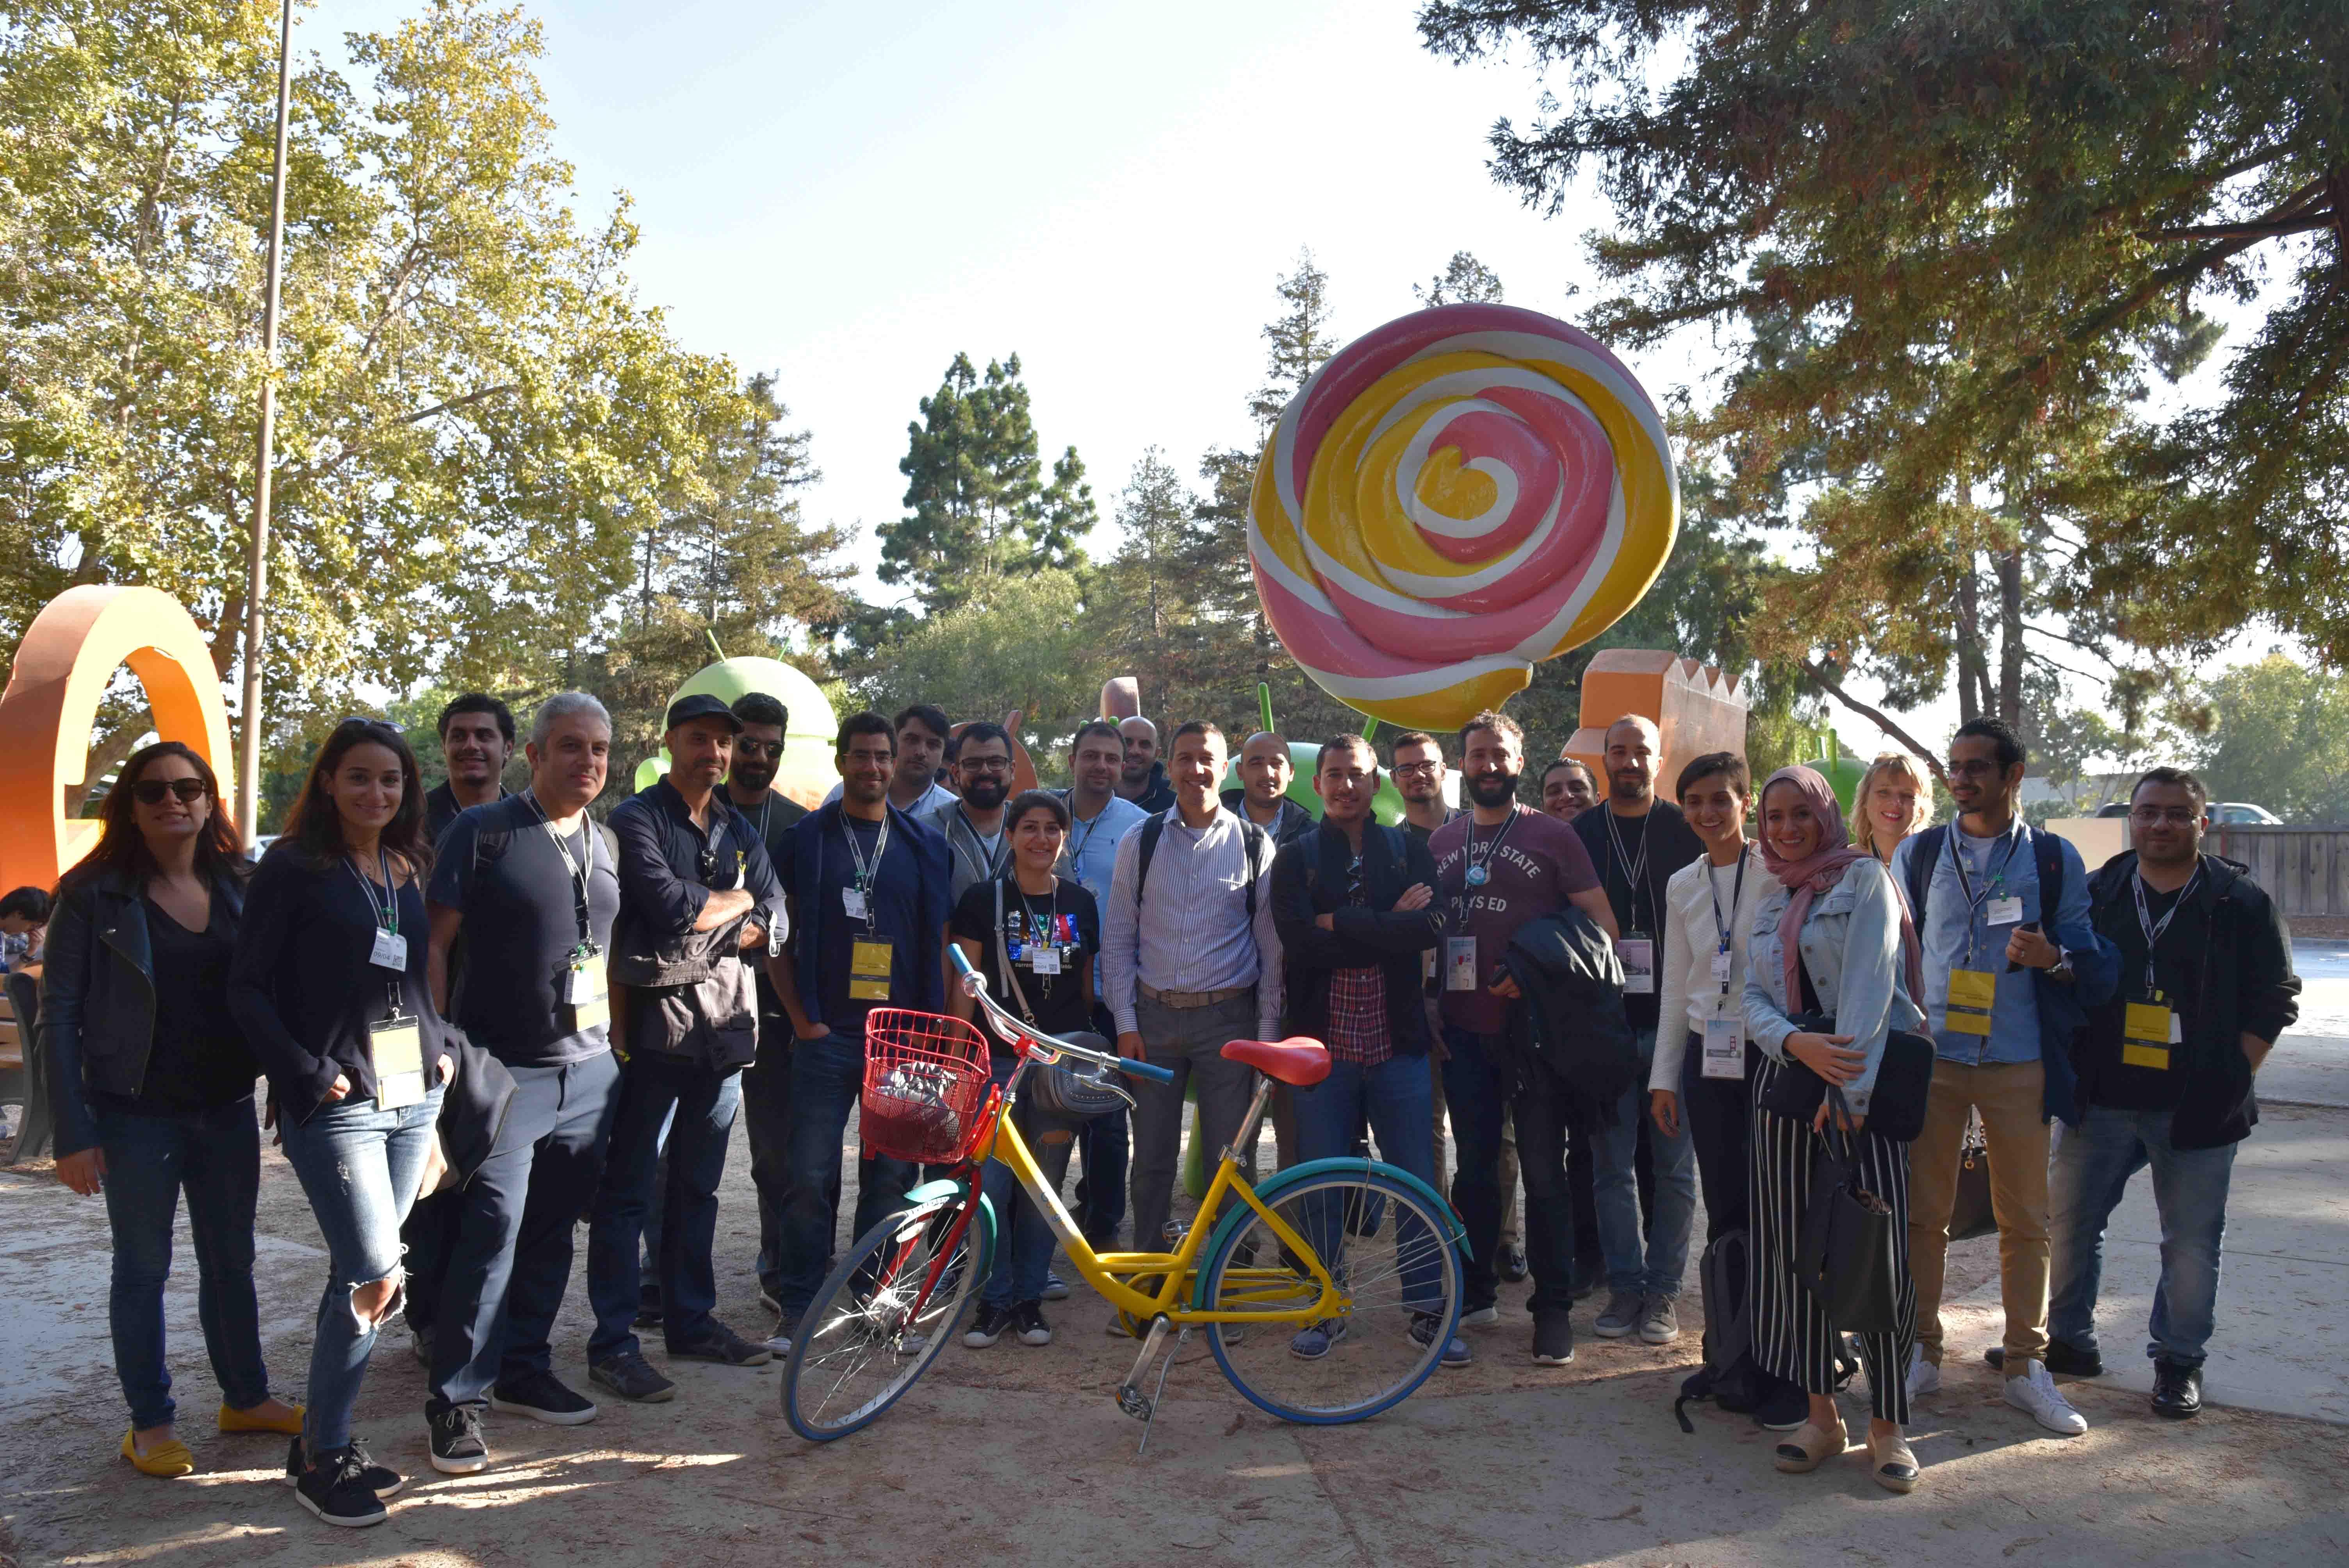 """الشركات الناشئة المشاركة مع فريقًي منتدى MIT لريادة الأعمال في الشرق الأوسط و""""تك وادي"""" وأنس عثمان في مجمّع غوغل"""